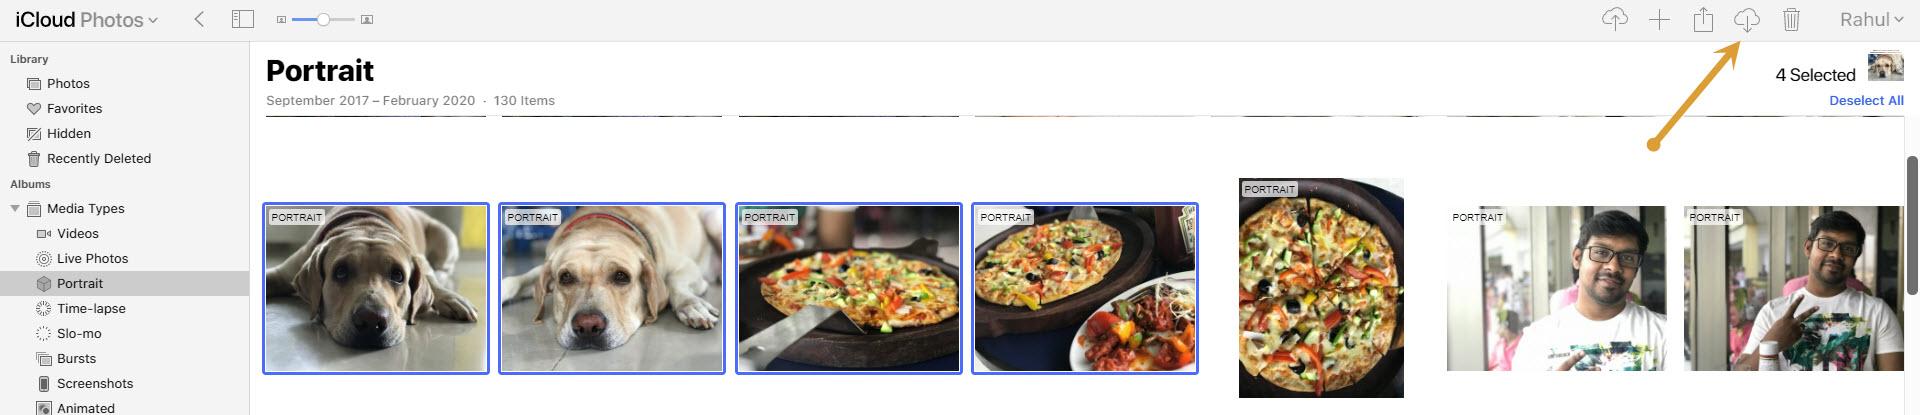 Downloading iCloud photos